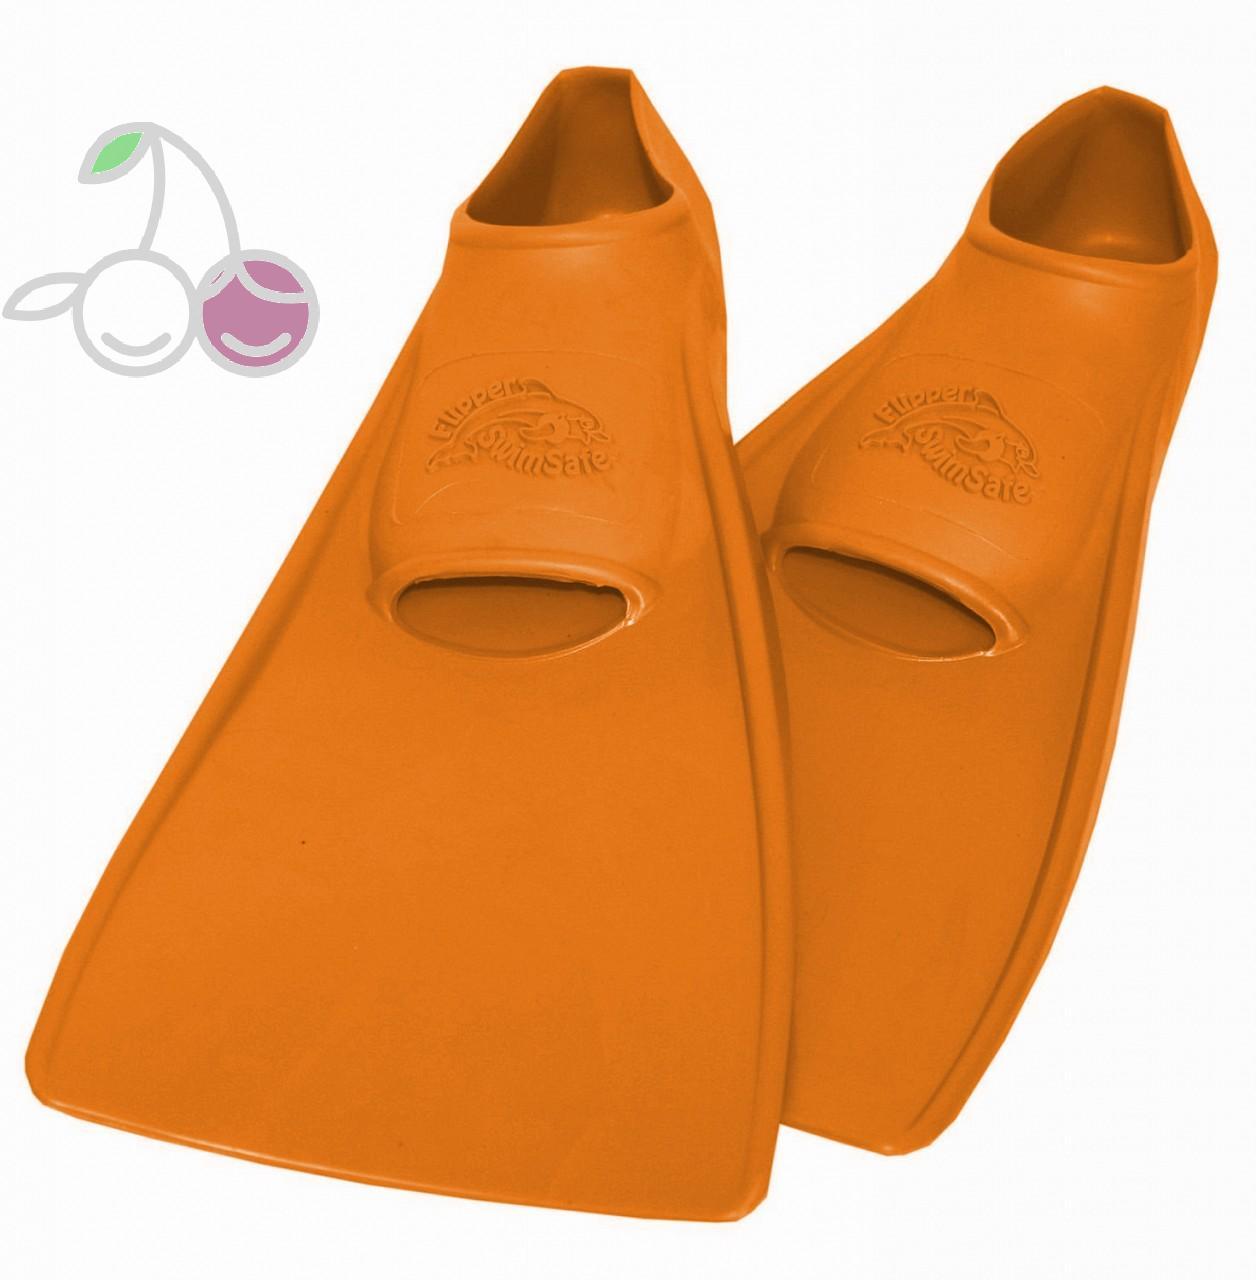 Ласты для бассейна резиновые детские размеры 25-26 оранжевые ПРОПЕРКЭРРИ (ProperCarry), - фото 1